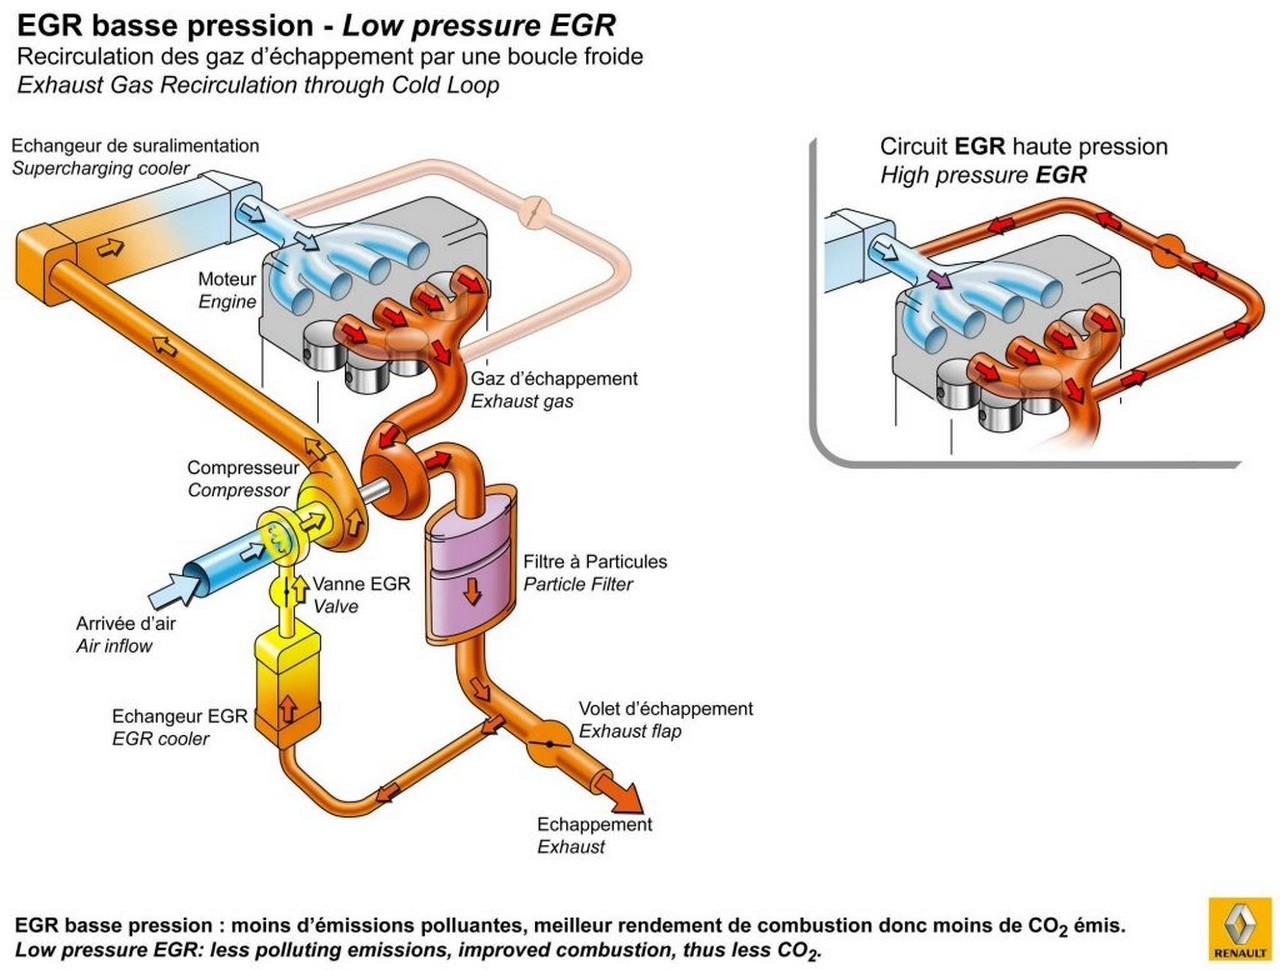 EGR bassa pressione